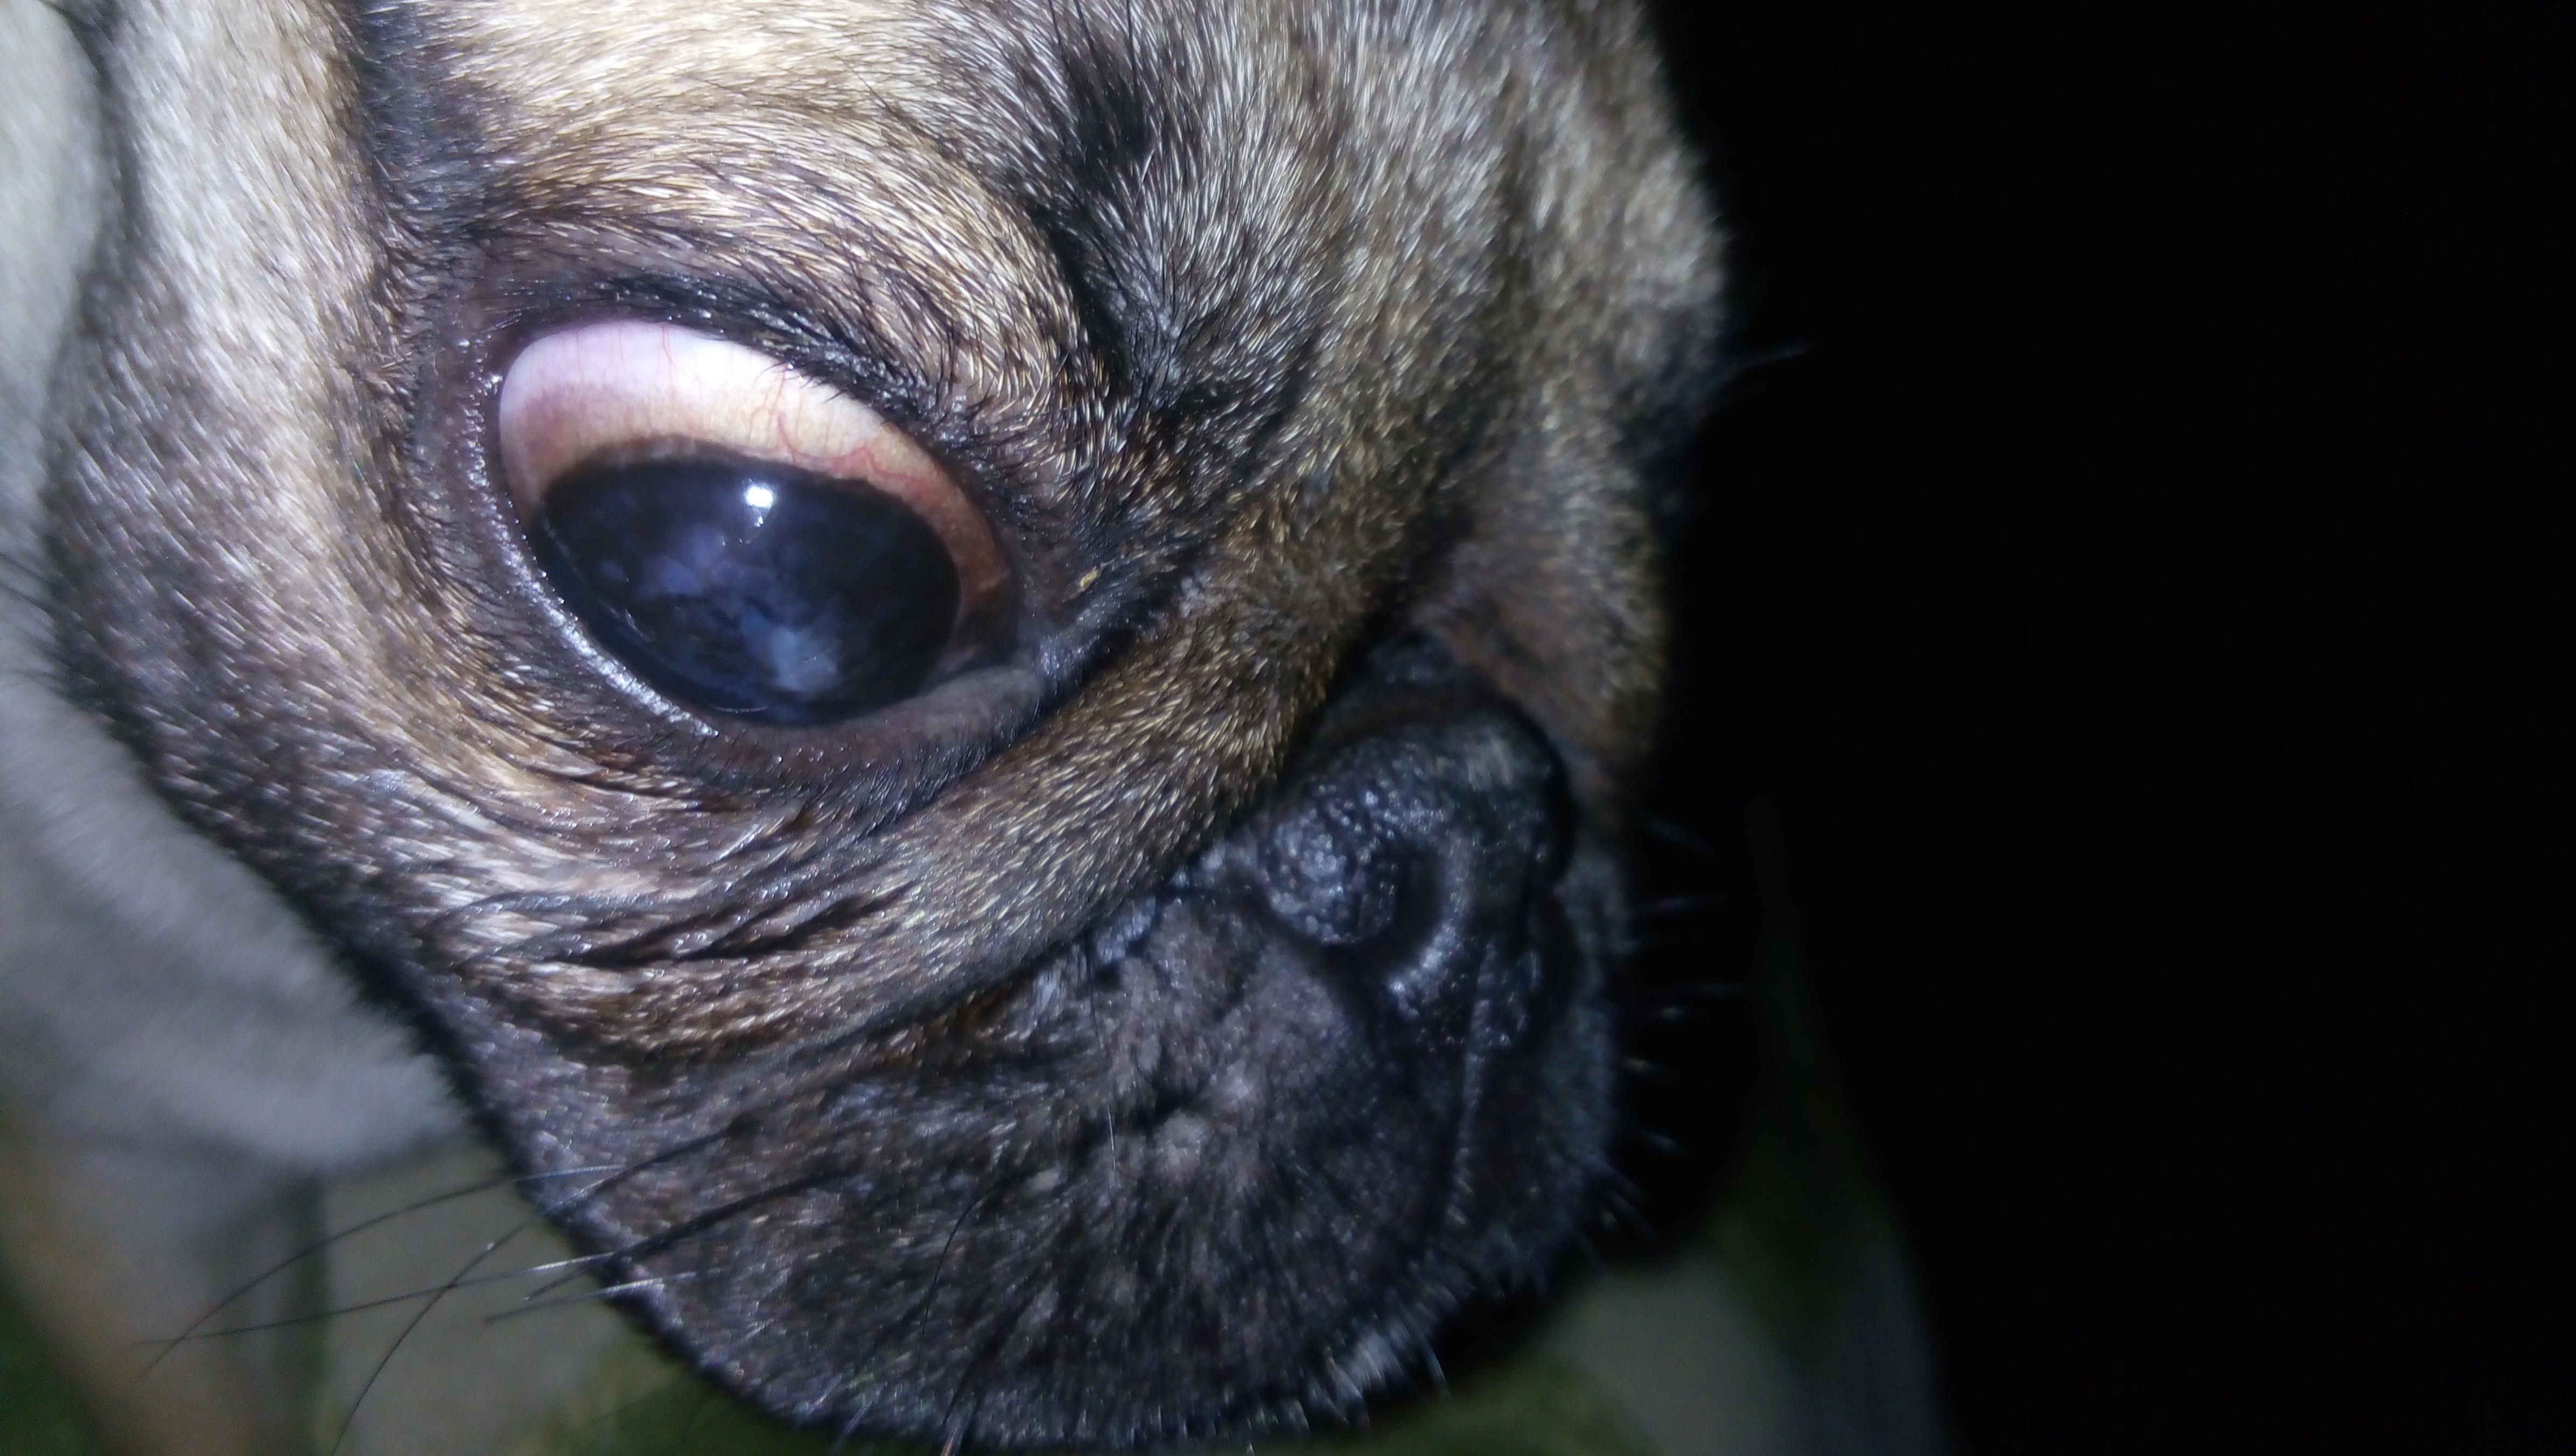 Покусали собаки, остался один этот глазик. Какое возможно лечение?